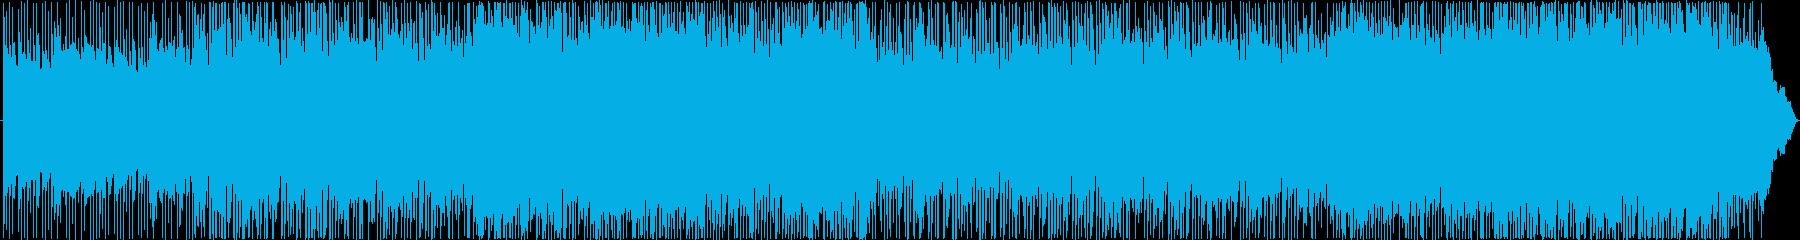 不思議な雰囲気かコミカルに変化するBGMの再生済みの波形